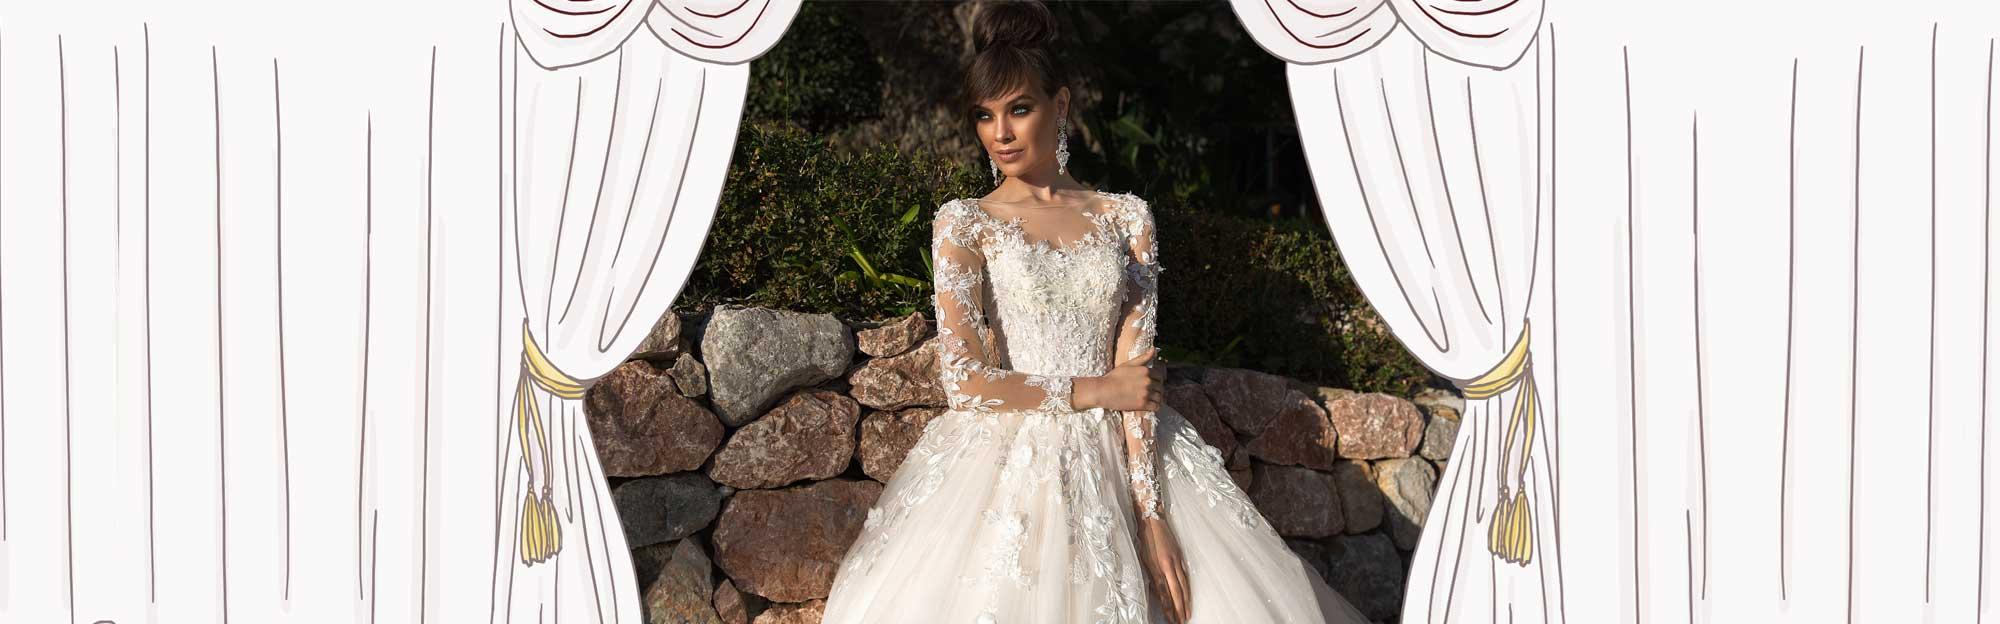 Раменское салон свадебных платьев